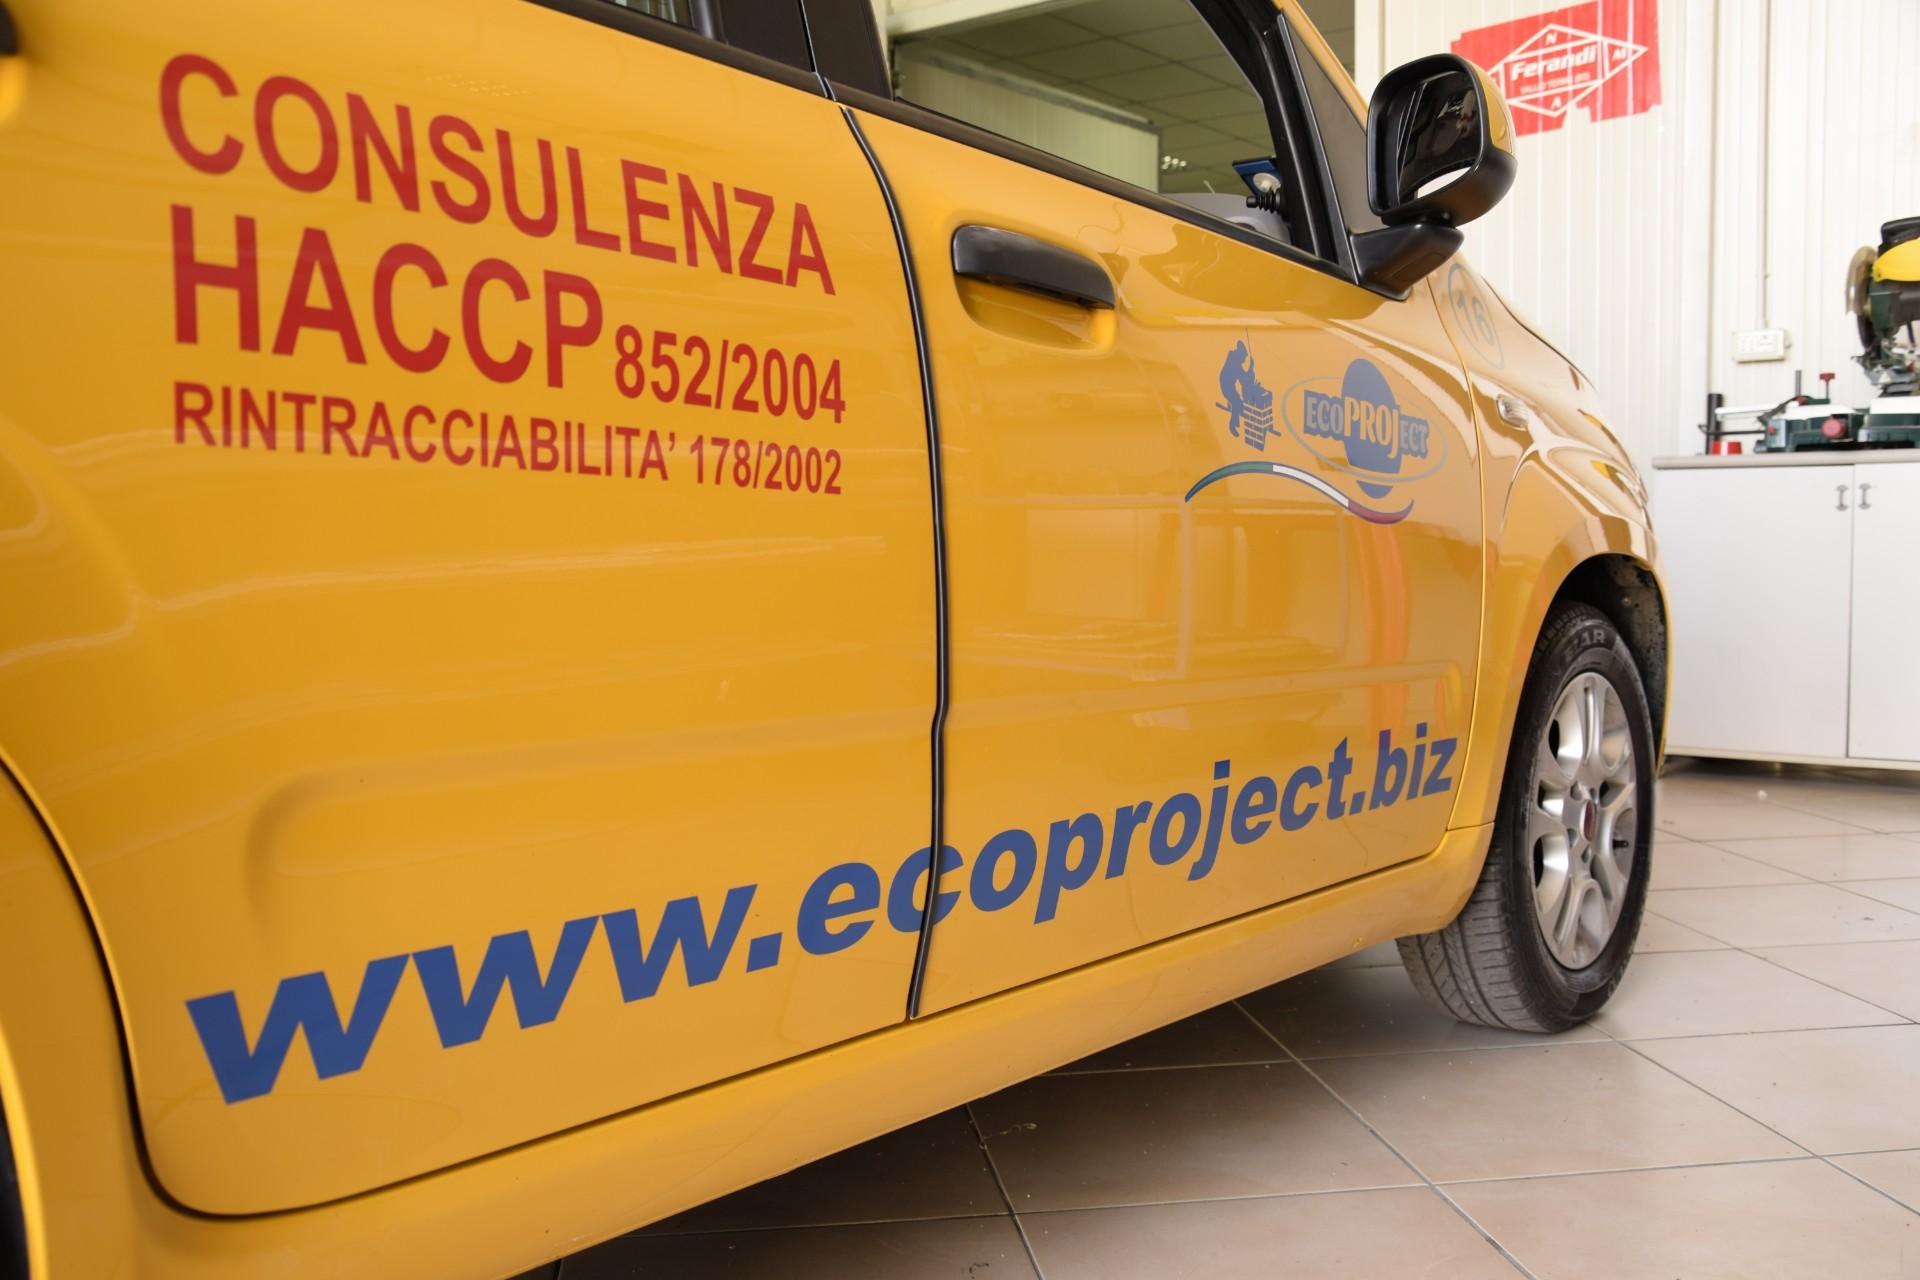 personalizzazione automezzi aziendali a Brescia